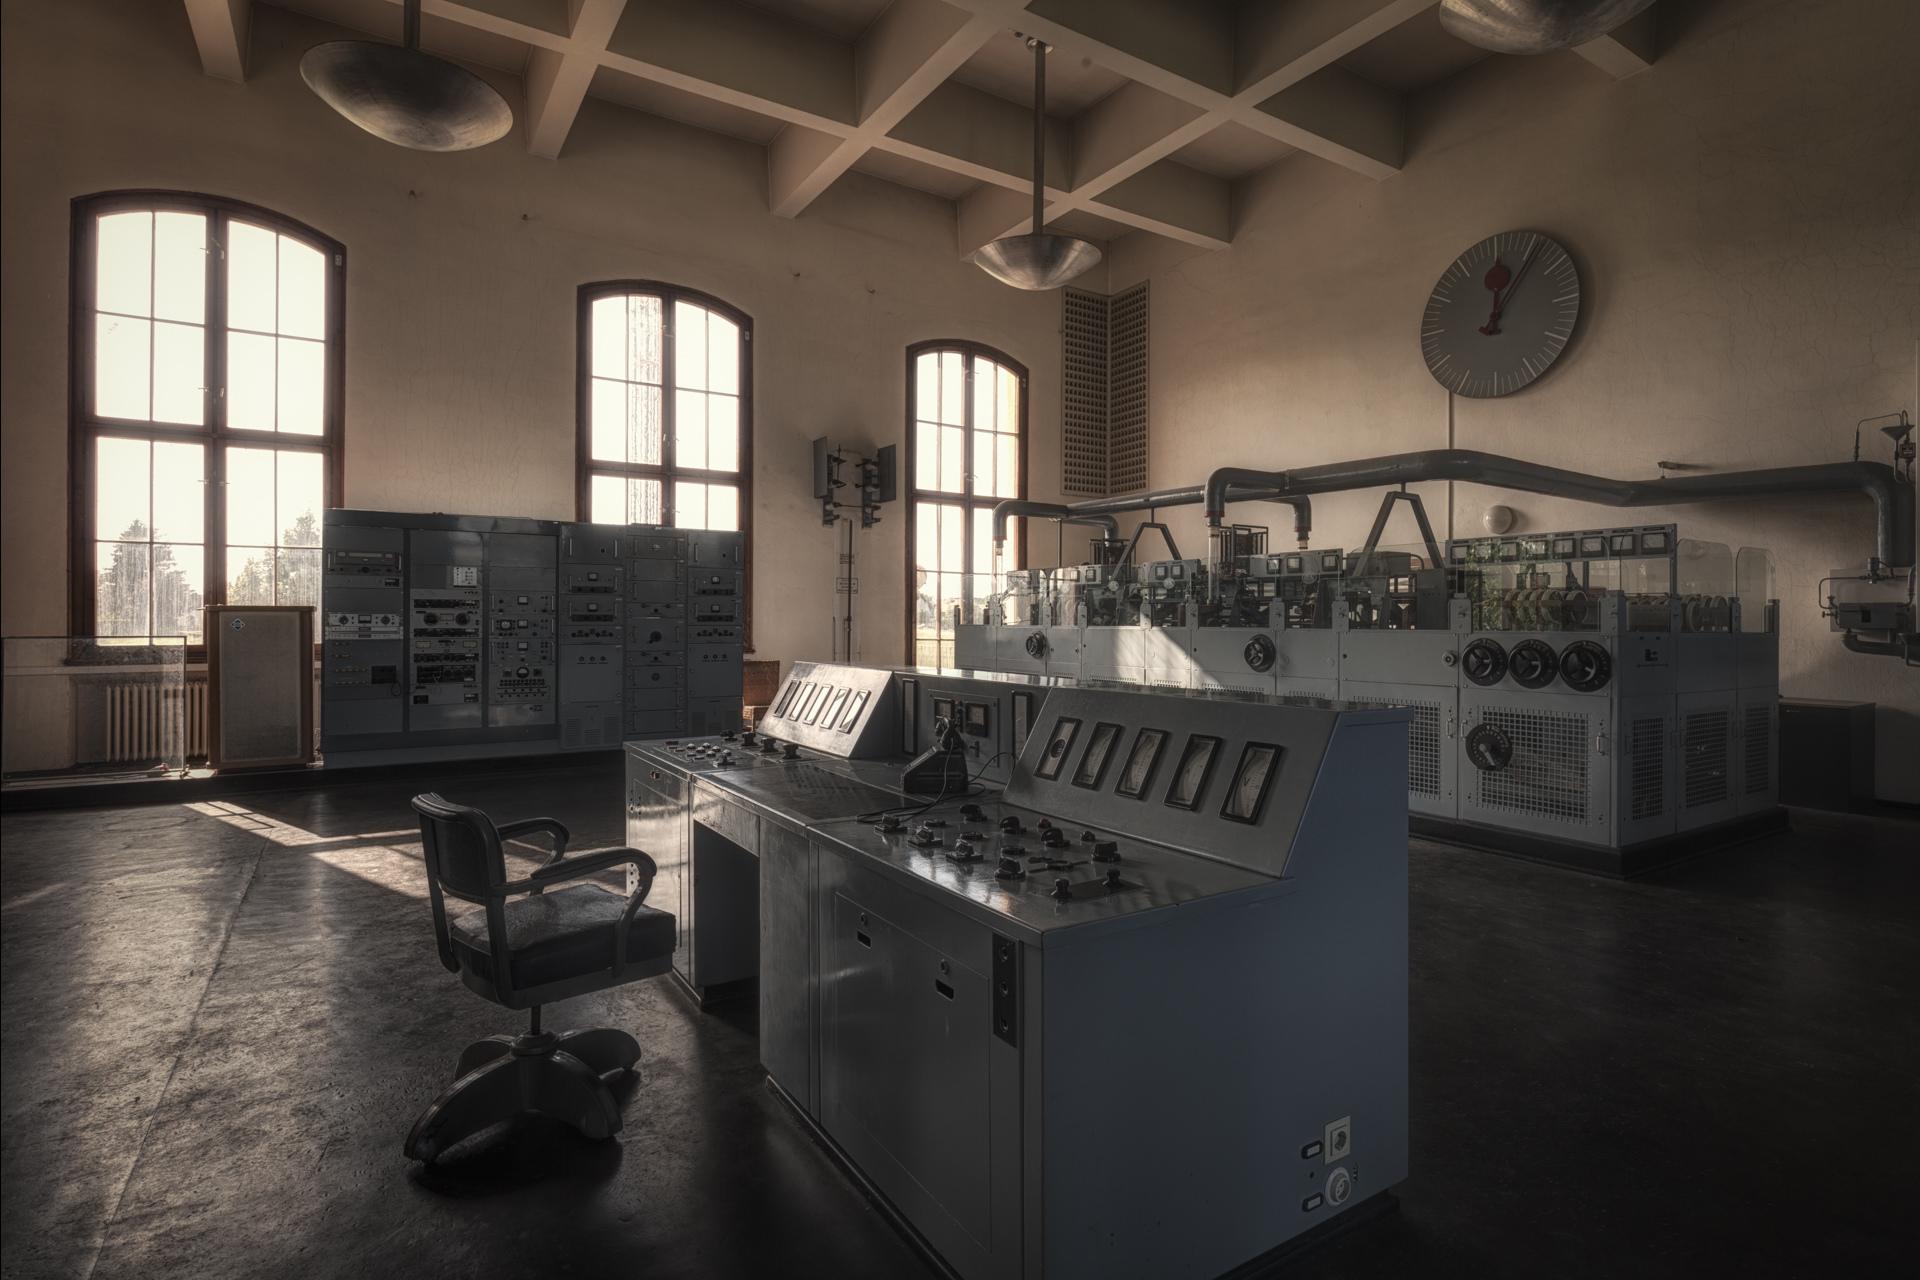 Urban Exploration - Propaganda Bullhorn - The Studio